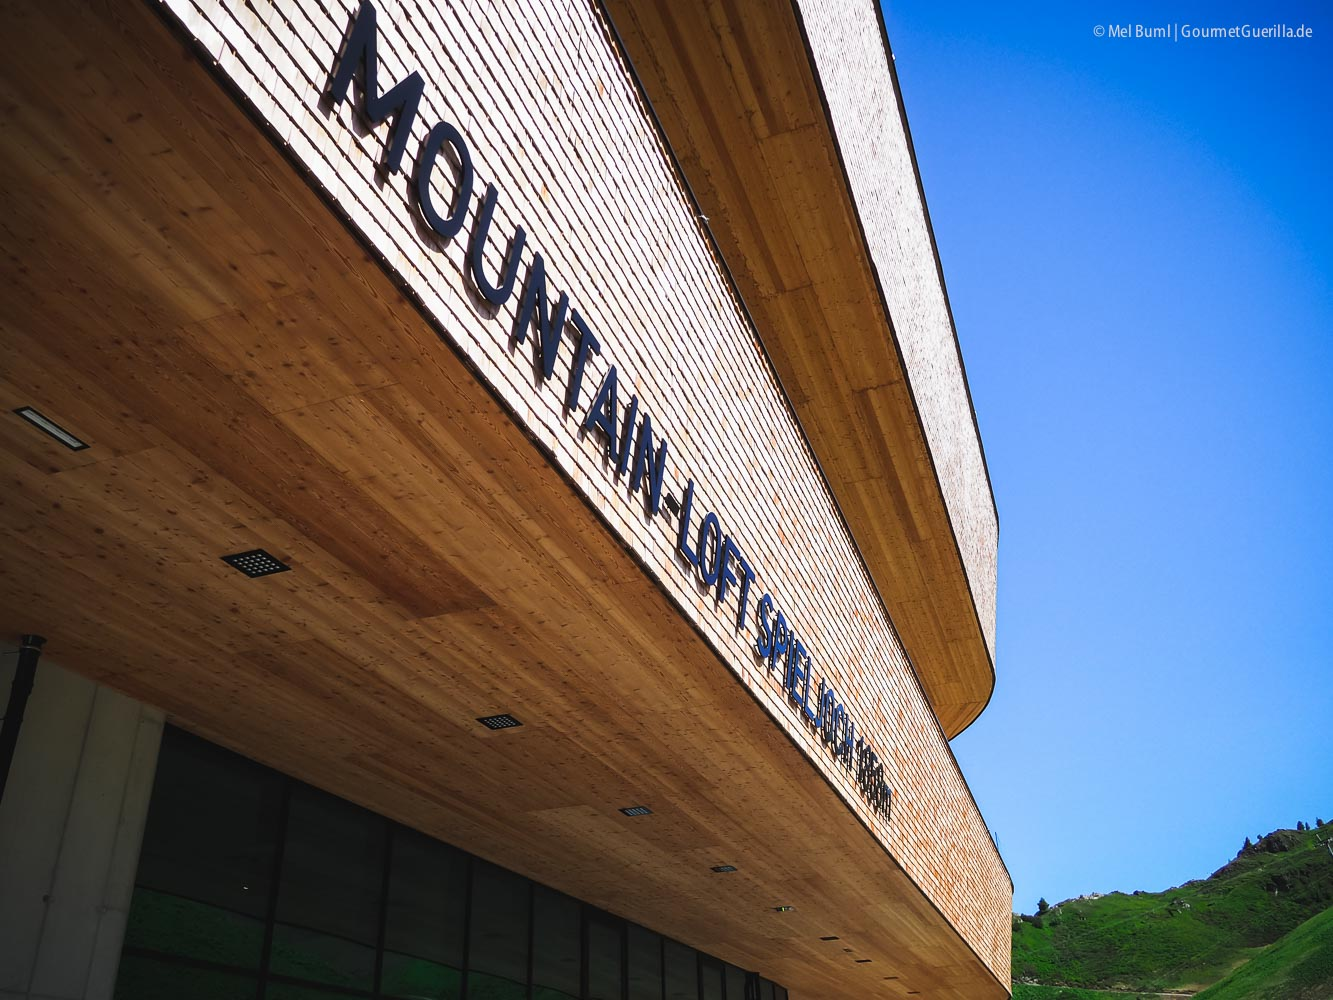 Mountain Loft Spieljoch Best of Zillertal |GourmetGuerilla.de